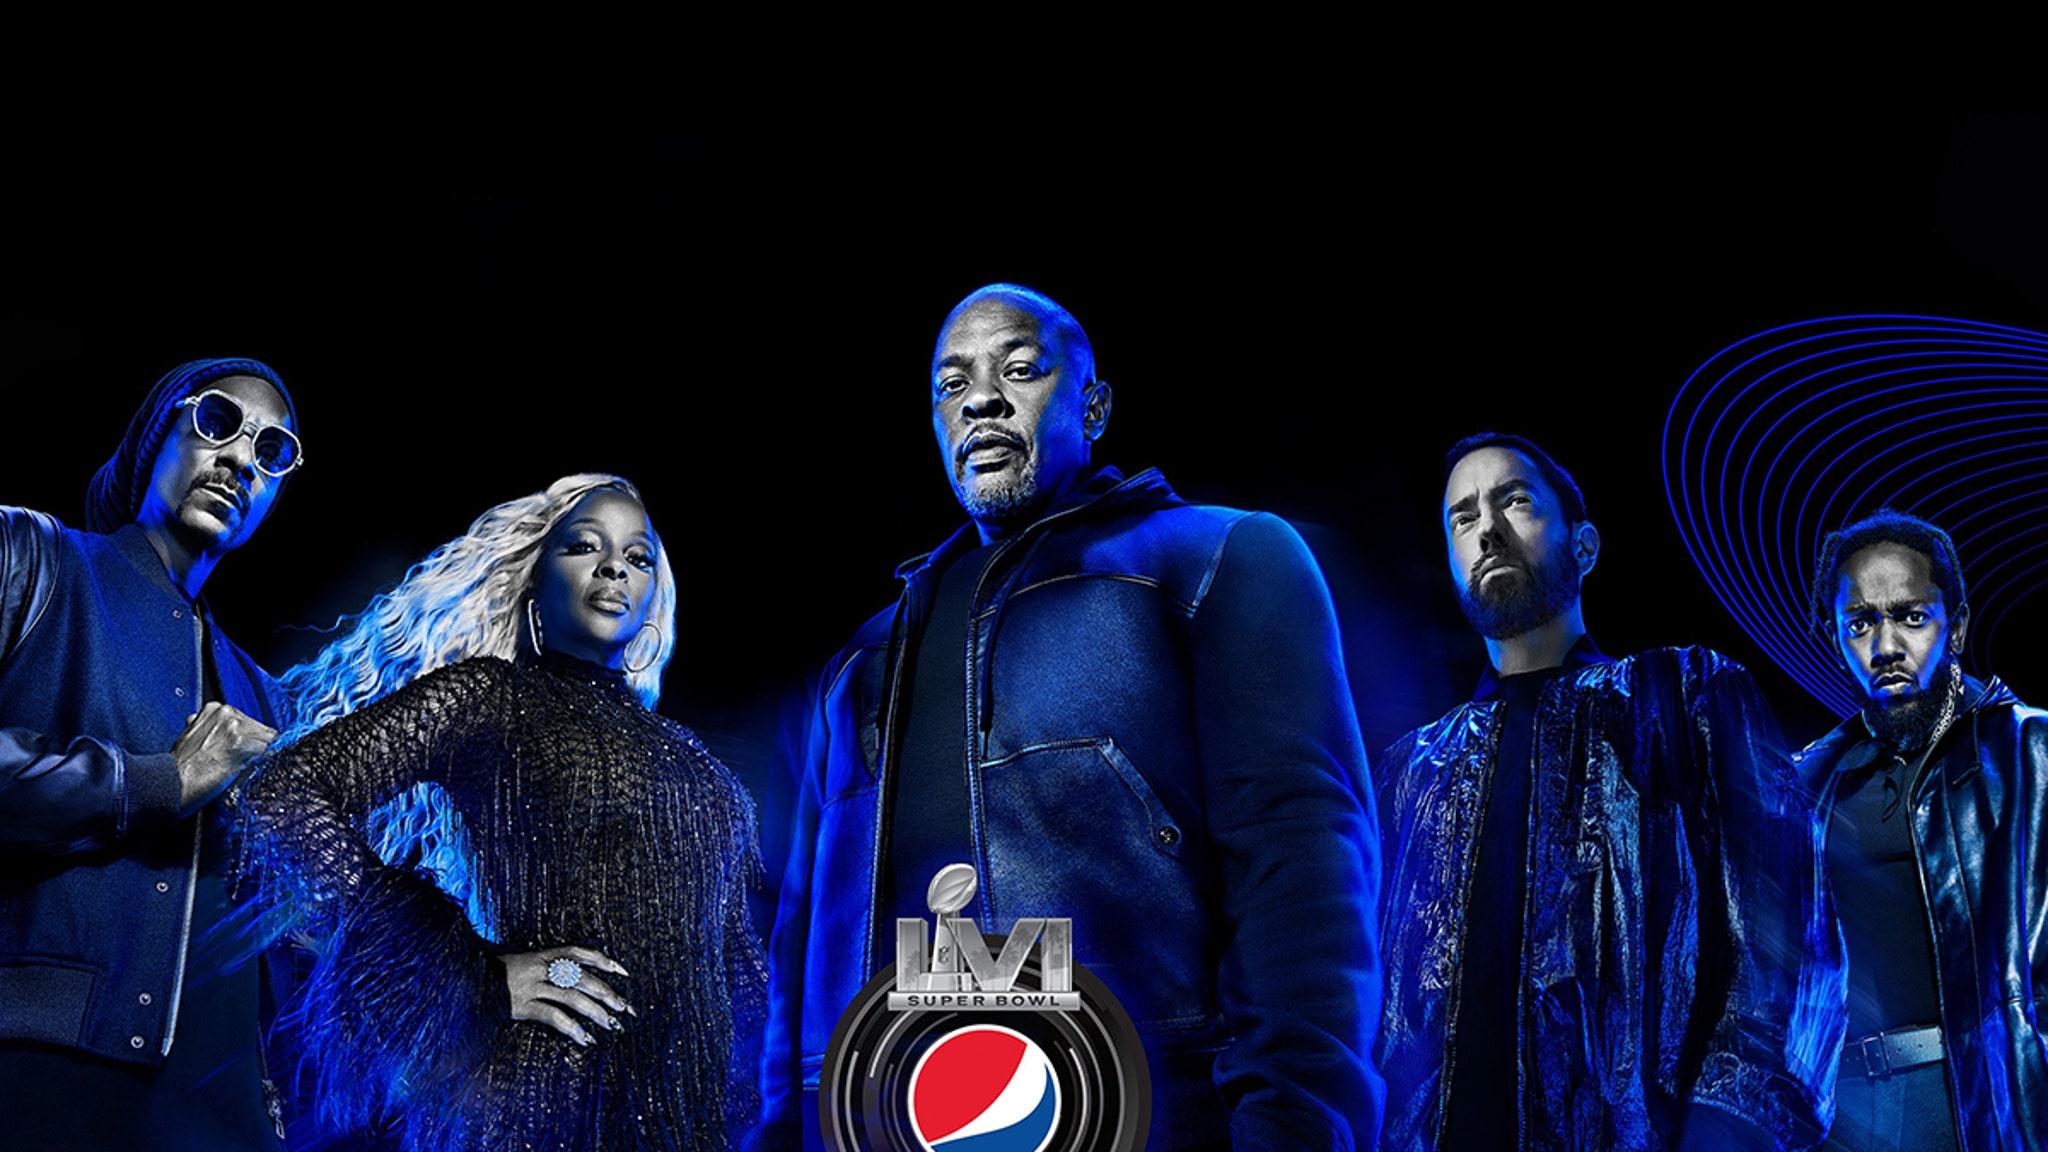 Dr. Dre, Eminem, Kendrick Lamar To Perform Super Bowl Halftime Show